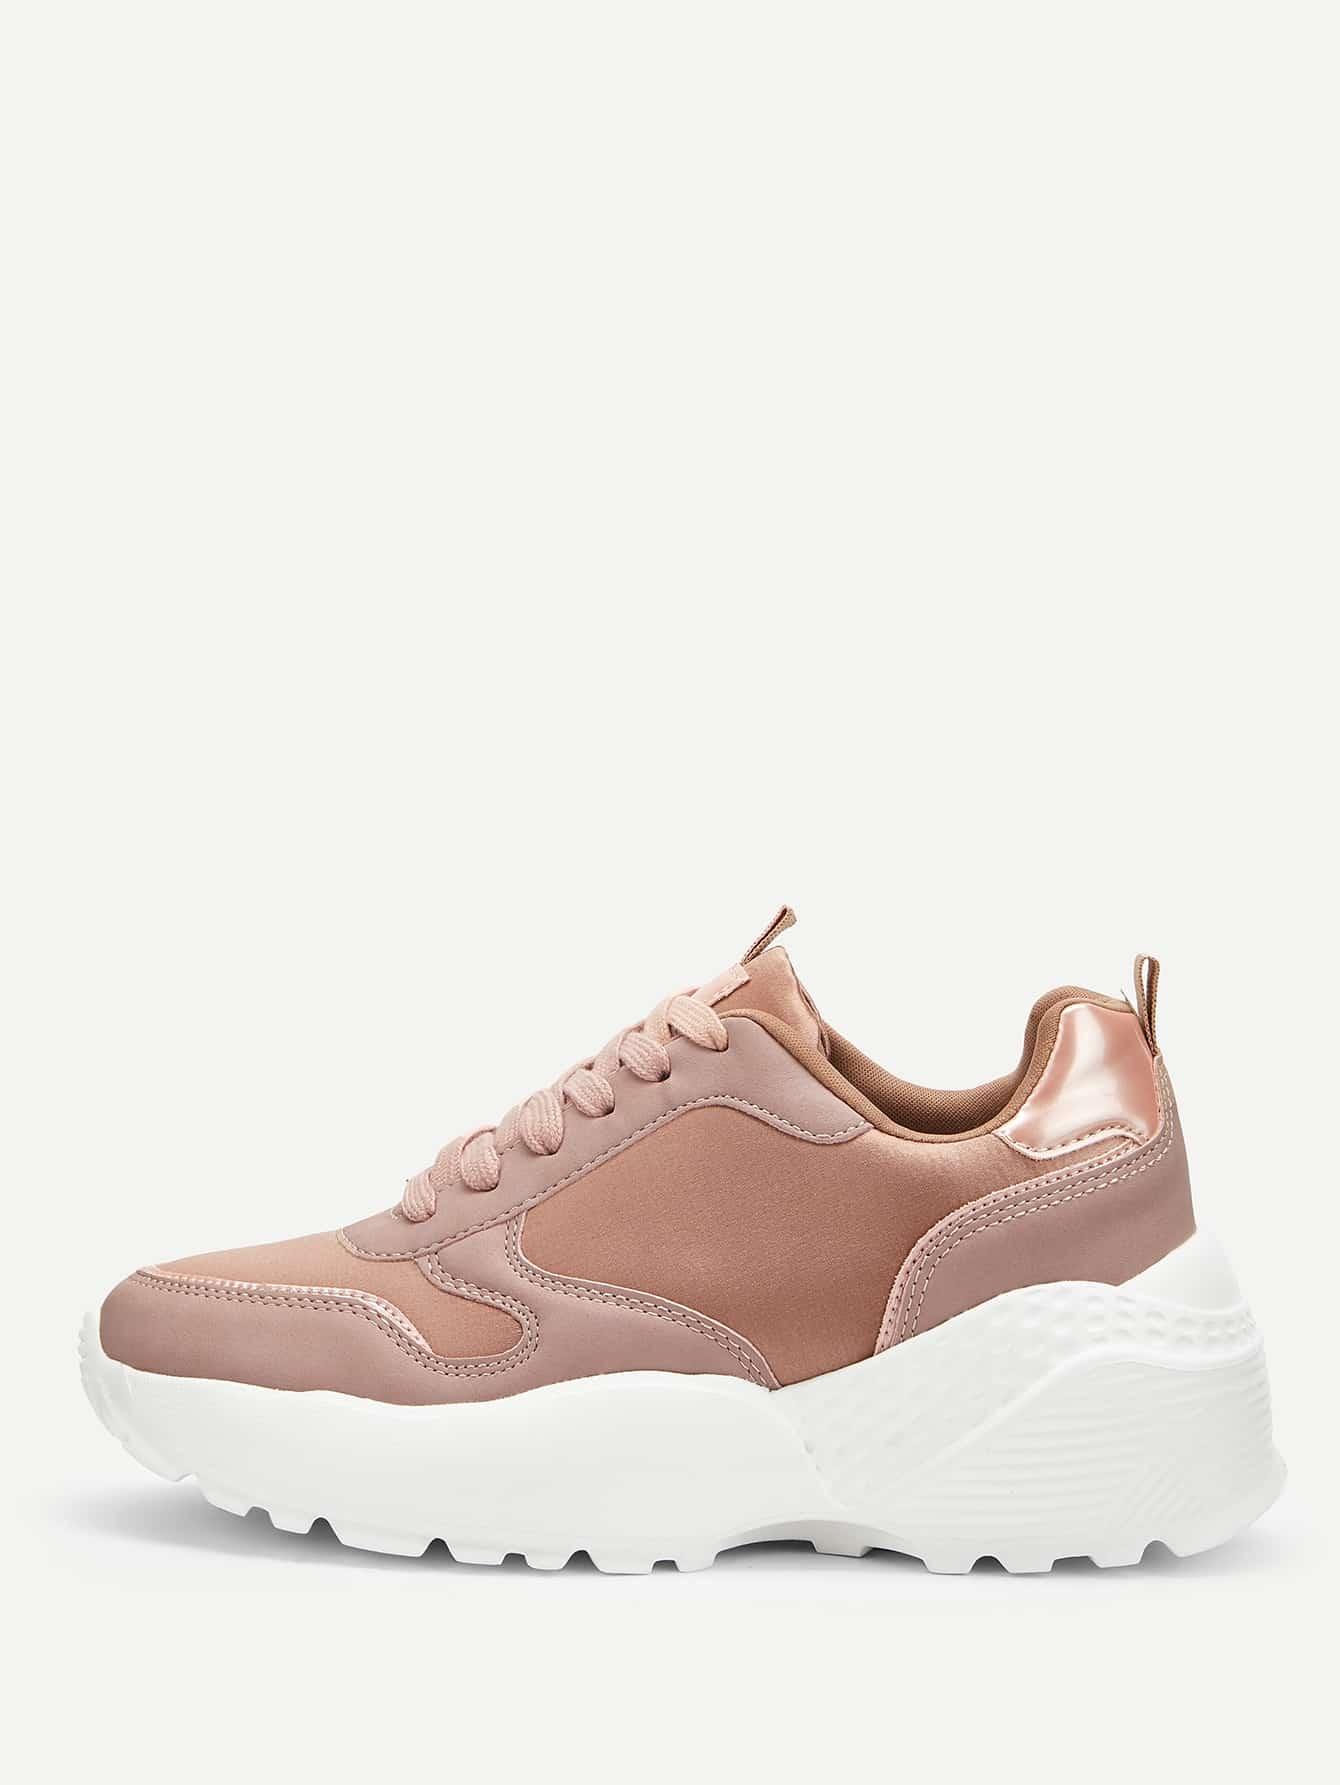 Купить Квадратный носок Розовый Кеды, null, SheIn